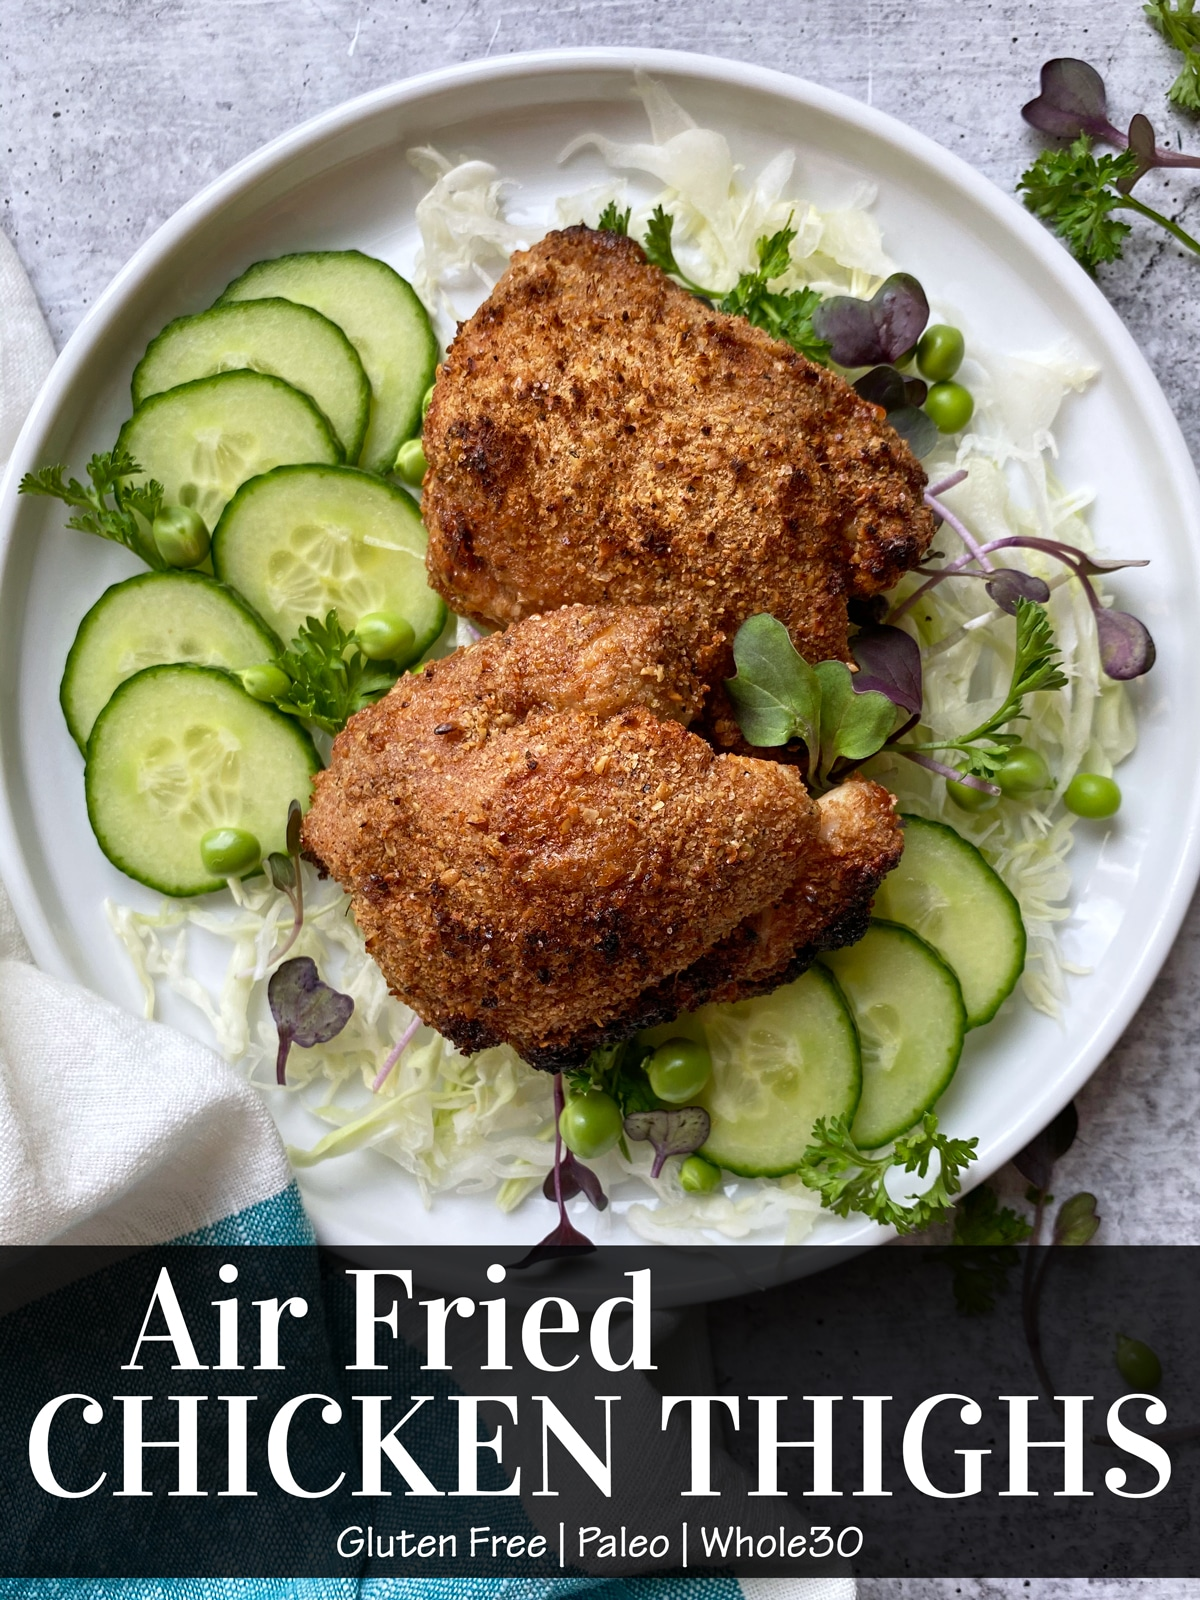 gluten-free-air-fried-chicken-thighs-recipe